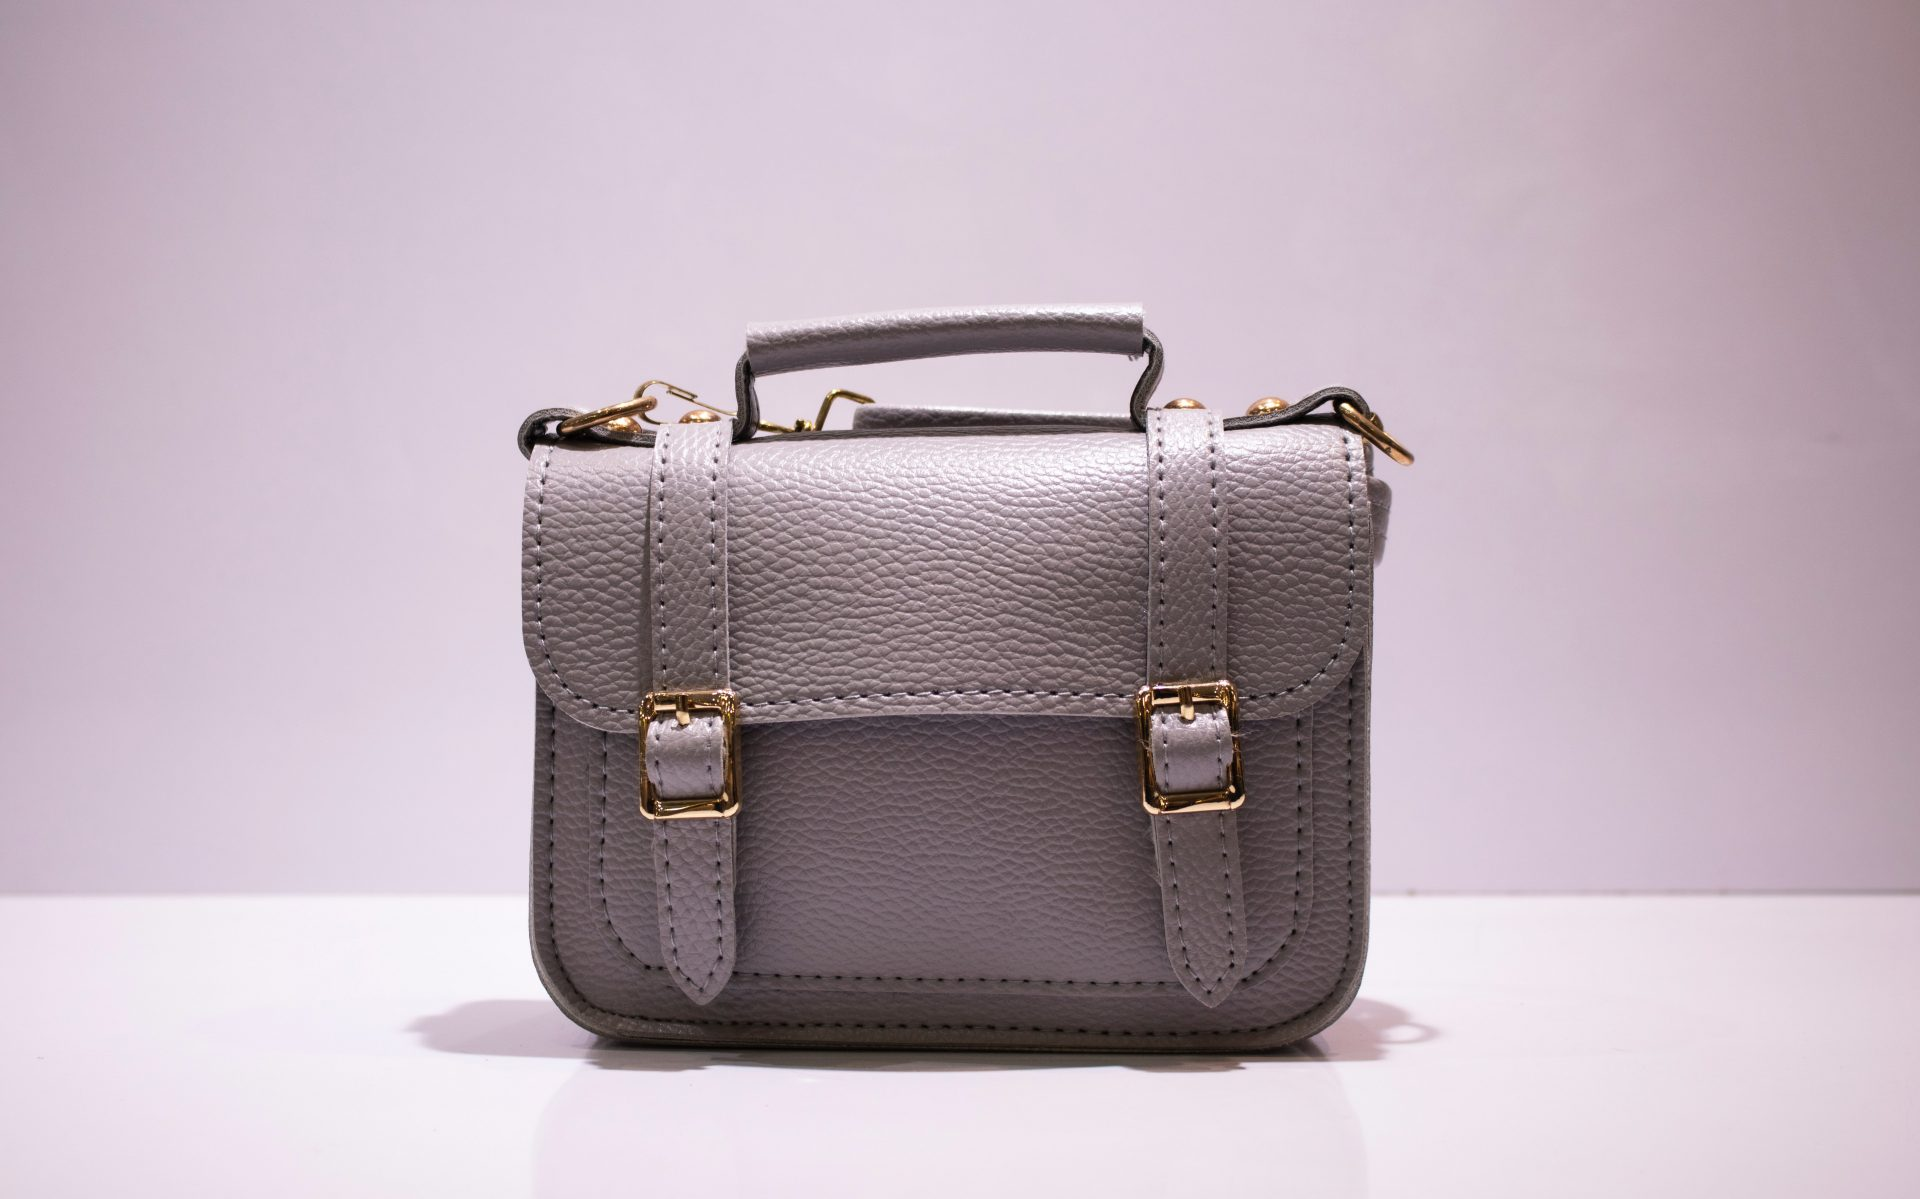 EMODA(エモダ)のバッグ!おすすめのショルダーバッグからトートバッグまで紹介!